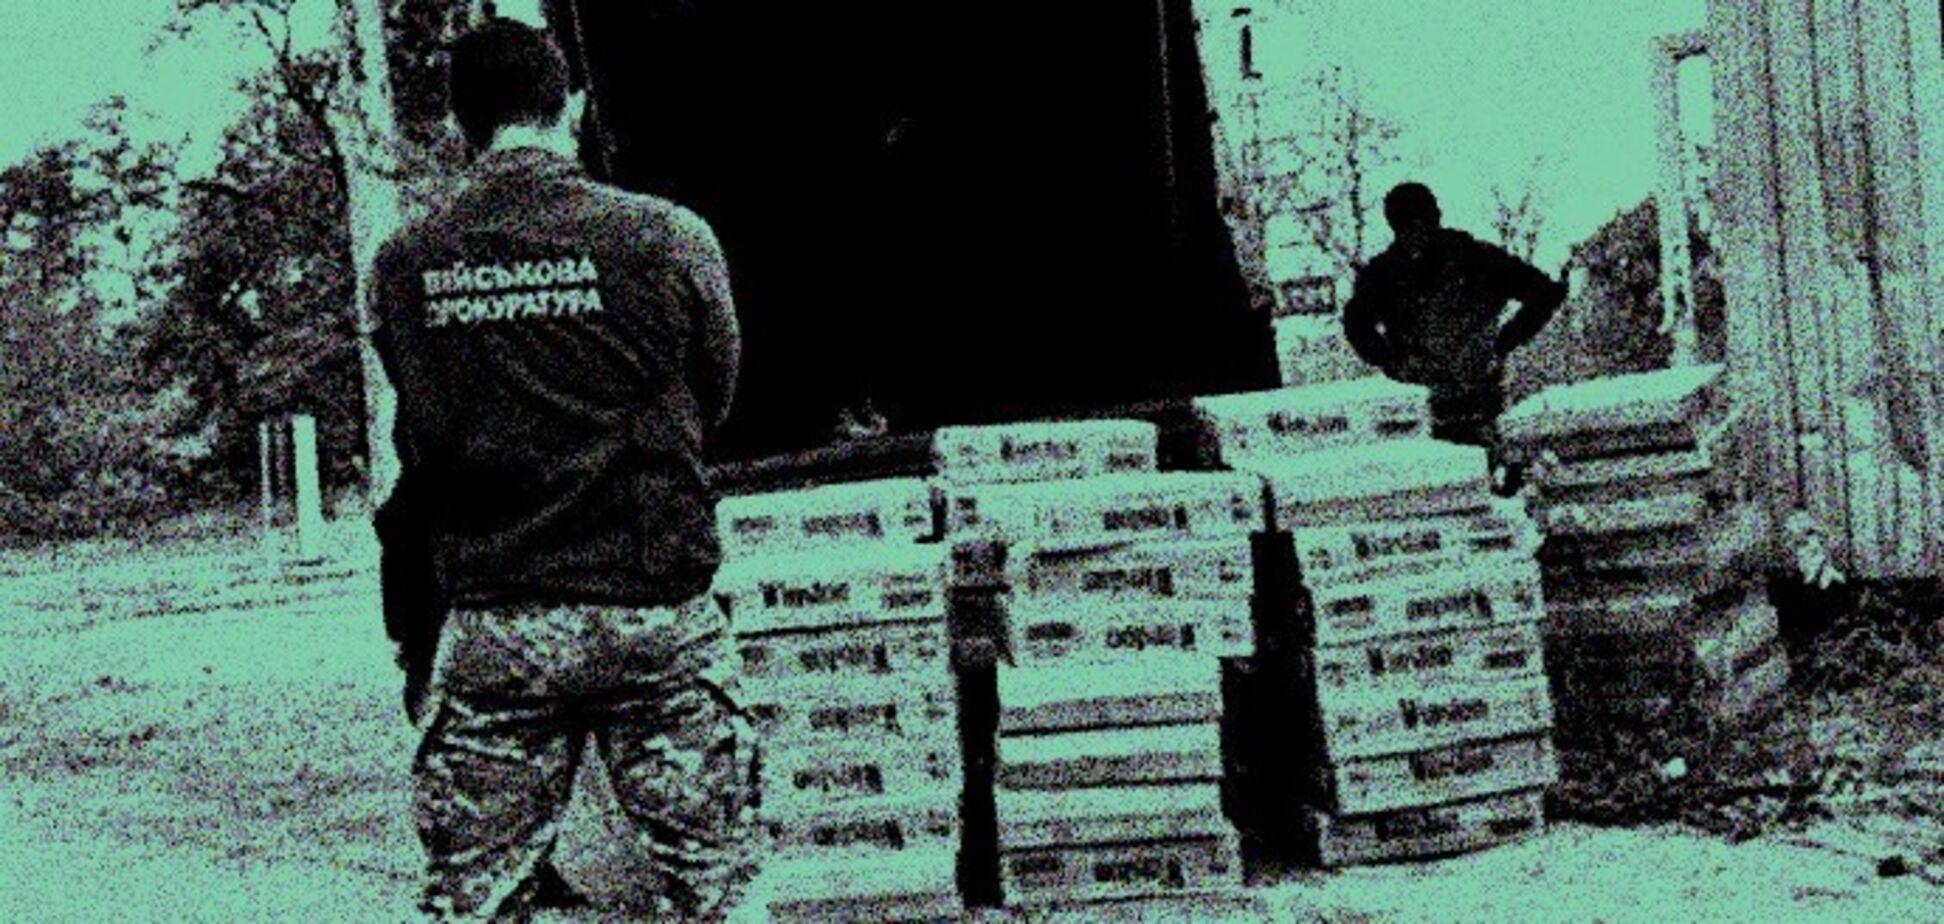 Контрабанда підакцизних товарів сягнула рекордного рівня, ВР готова її криміналізувати - ЗМІ